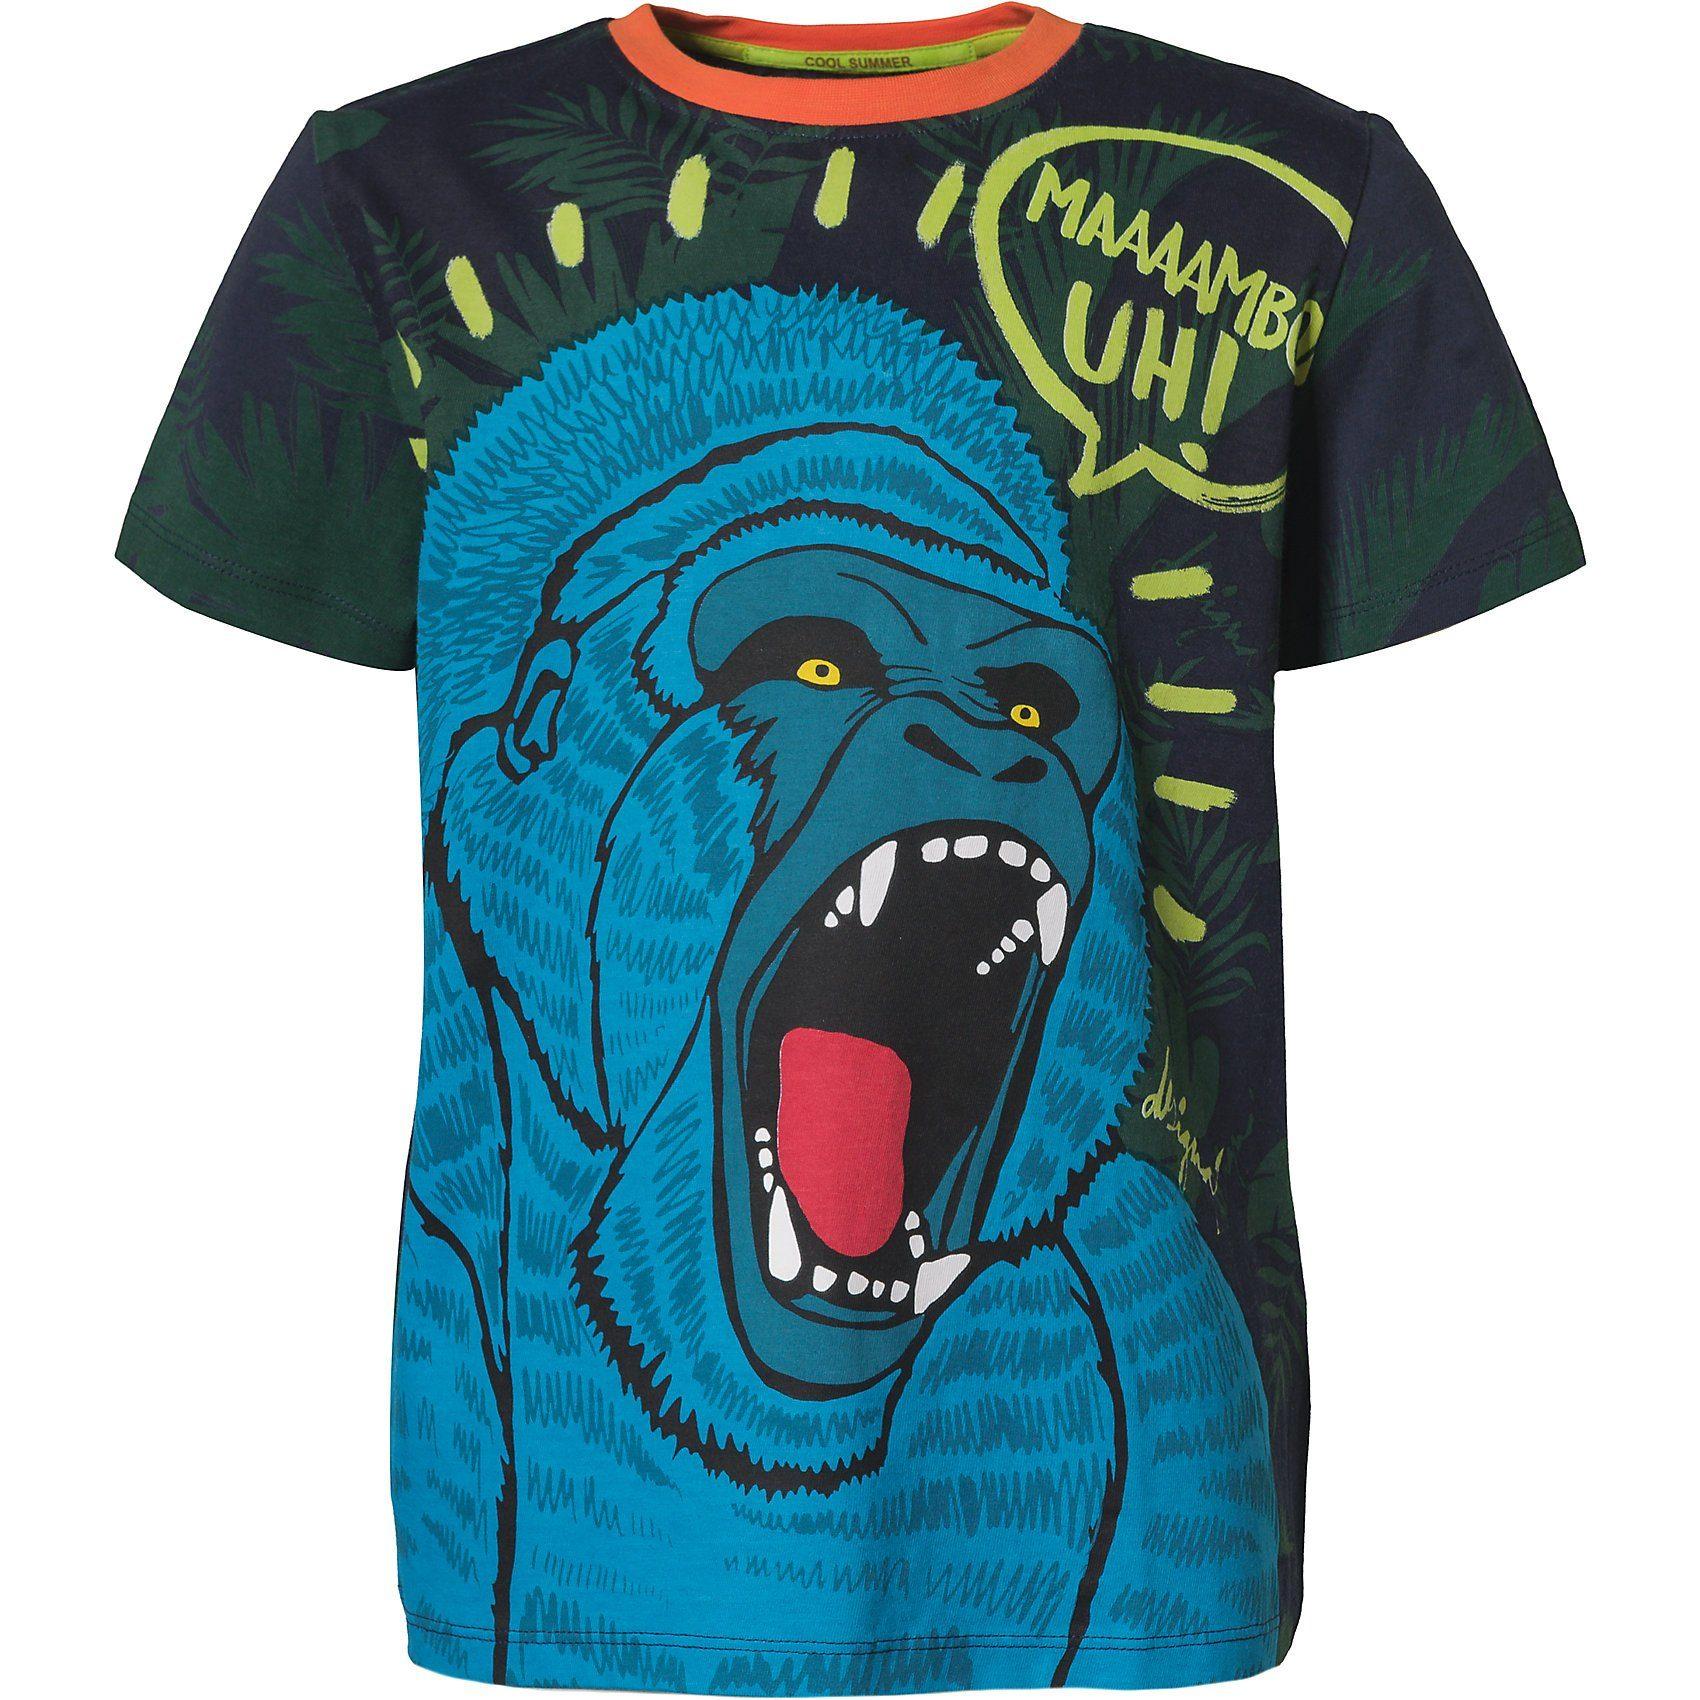 Kinder Trachten T Shirt mit Bulldog mud hellbraun